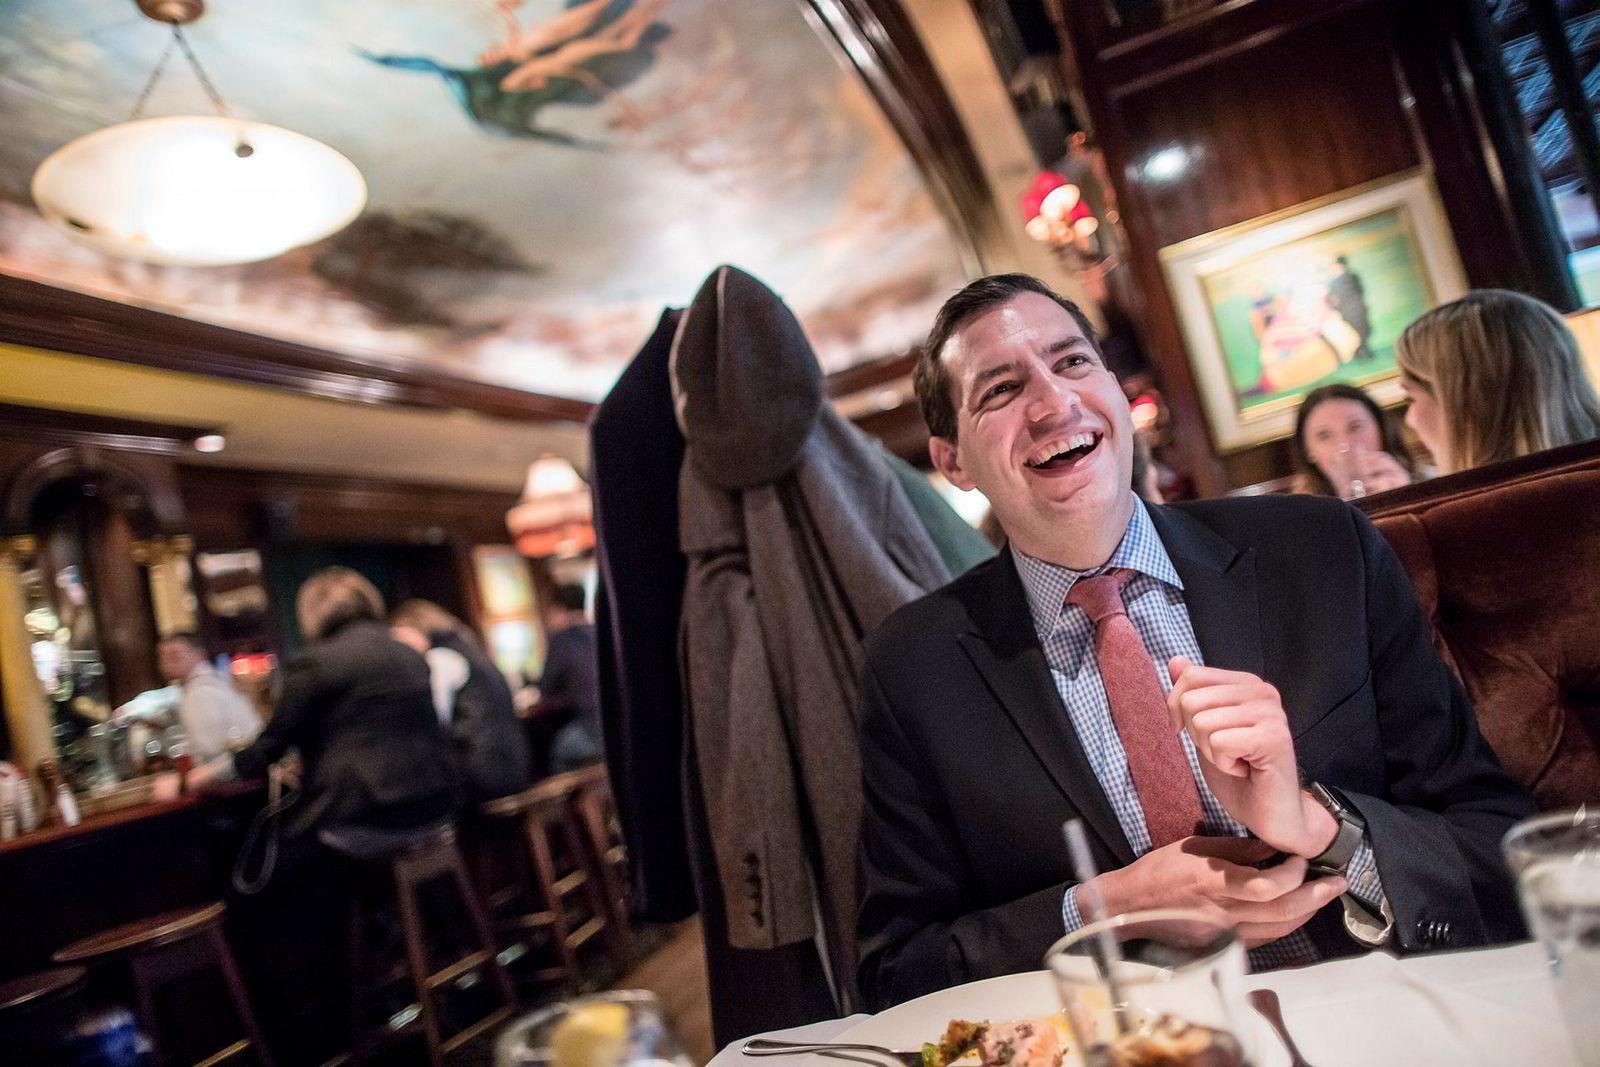 På The Old Ebbit Grill, den tradisjonsrike restauranten rett over veien fra Det hvite hus, har tidene også forandret seg med Trump. Flere shots, mindre hipster-øl. Zeke Miller møtte DN til alkoholfri lunsj.